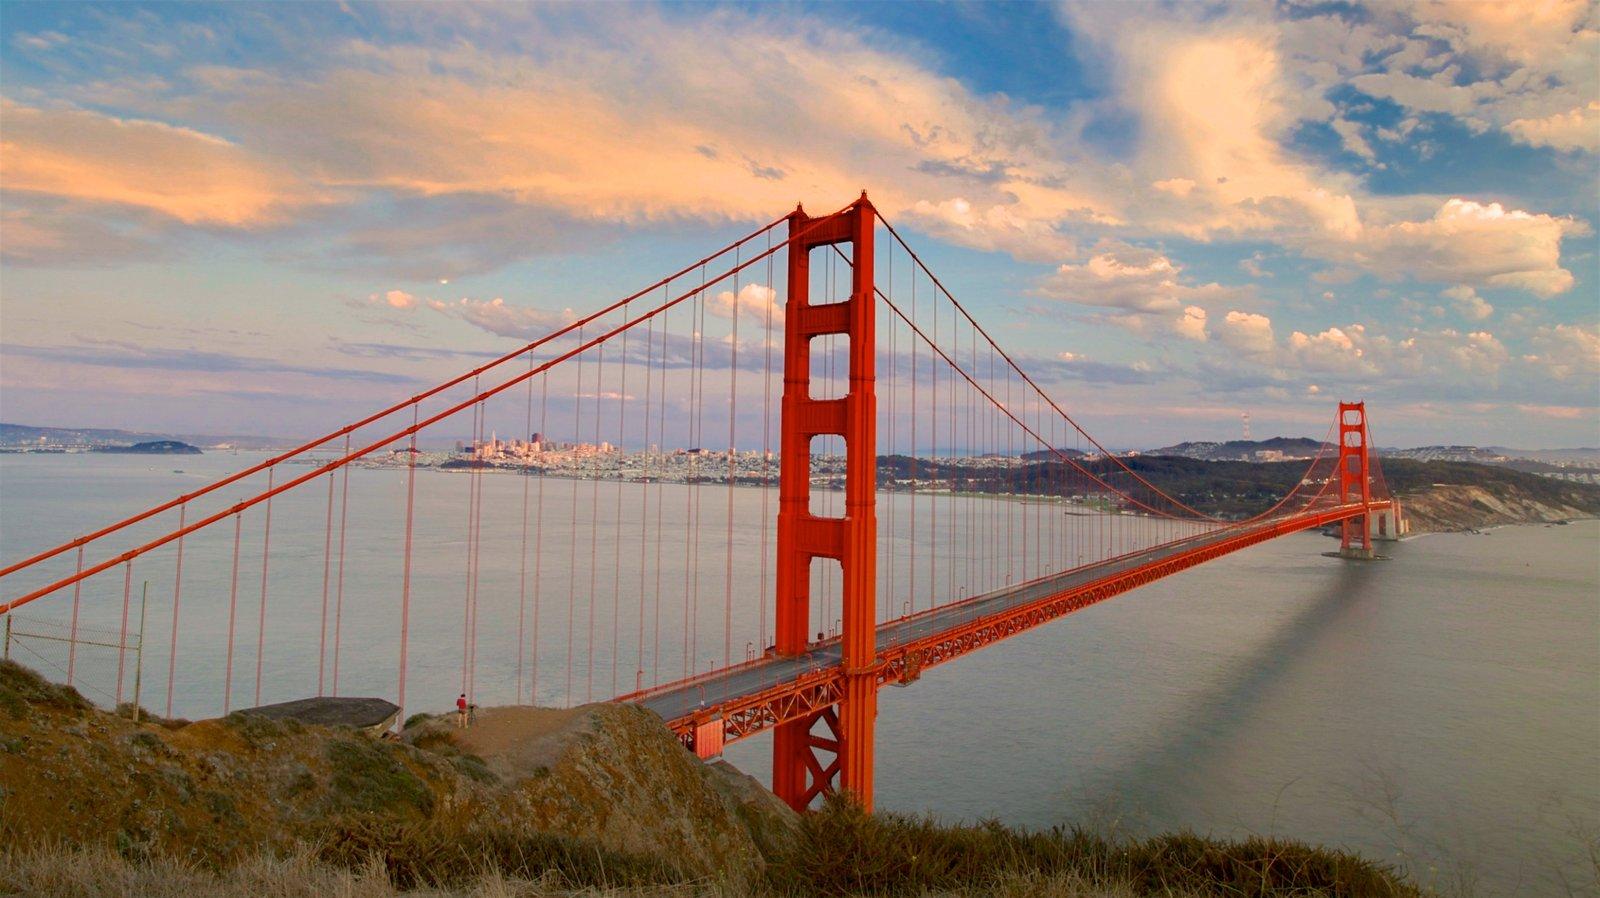 Golden Gate Bridge caracterizando uma ponte, um pôr do sol e um rio ou córrego